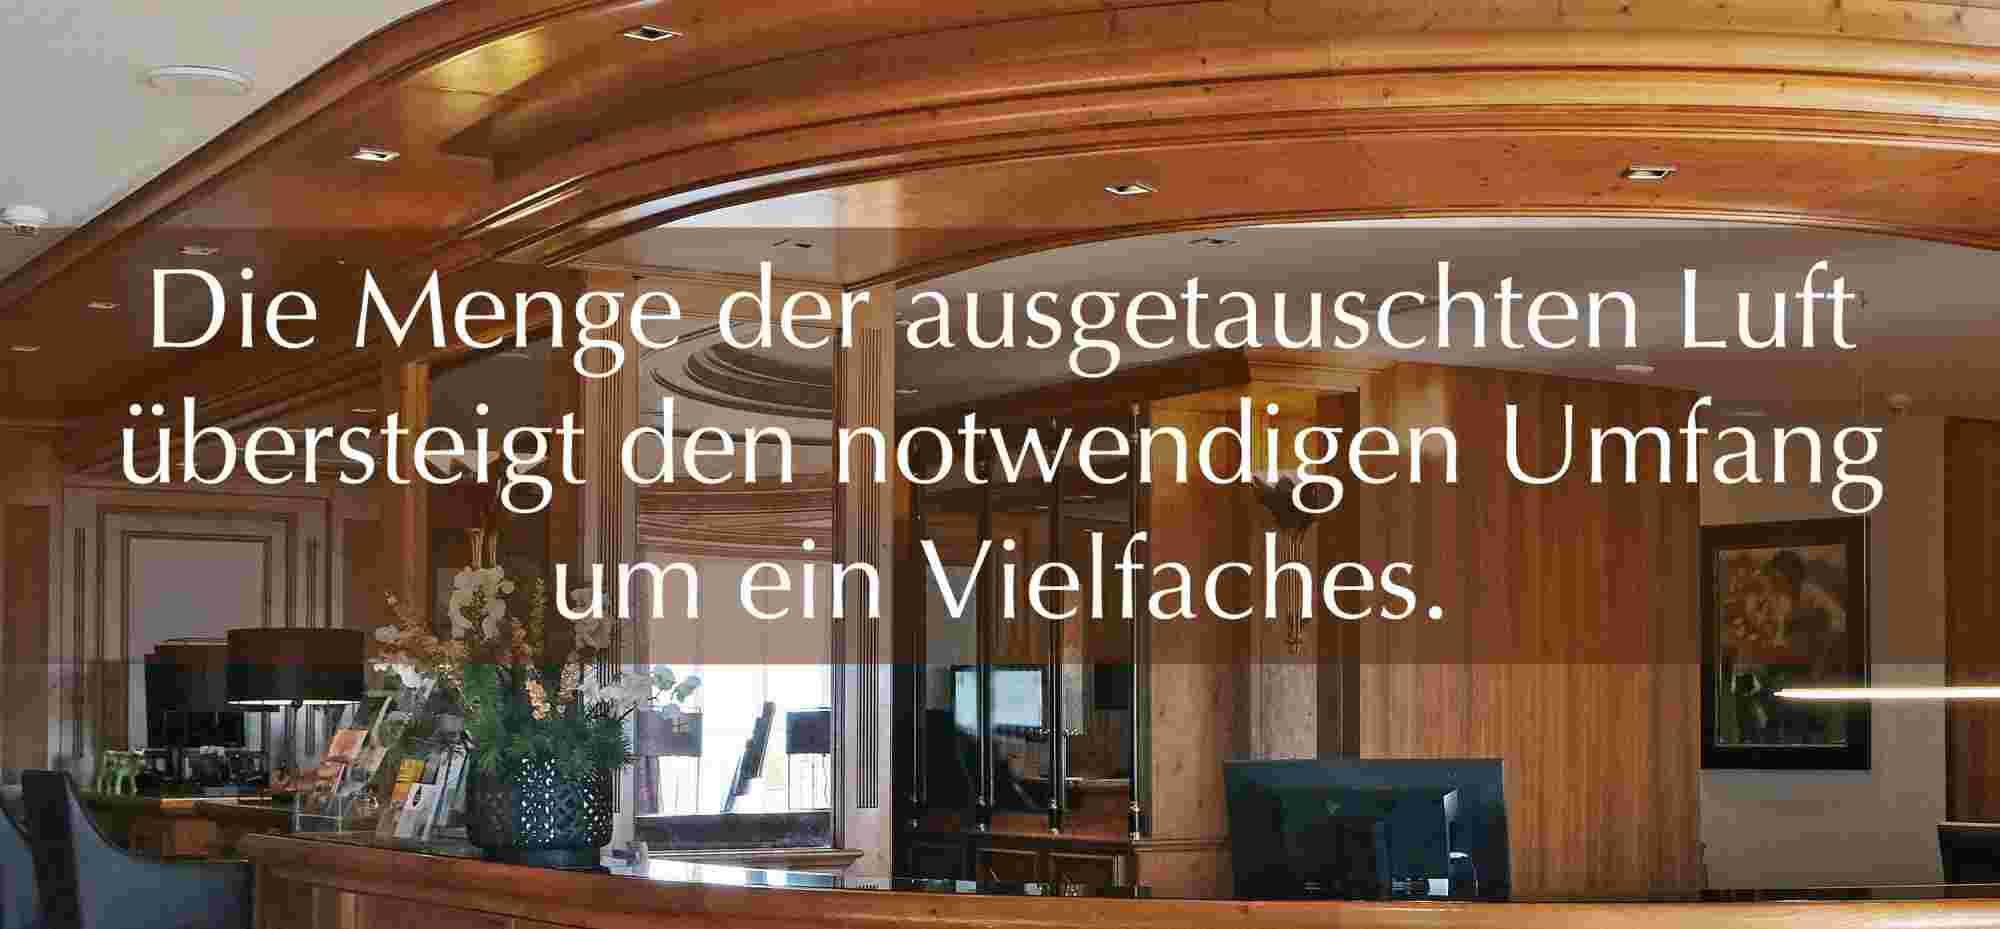 Lüftungsanlage Rezeption im Hotel Allgäu Sonne